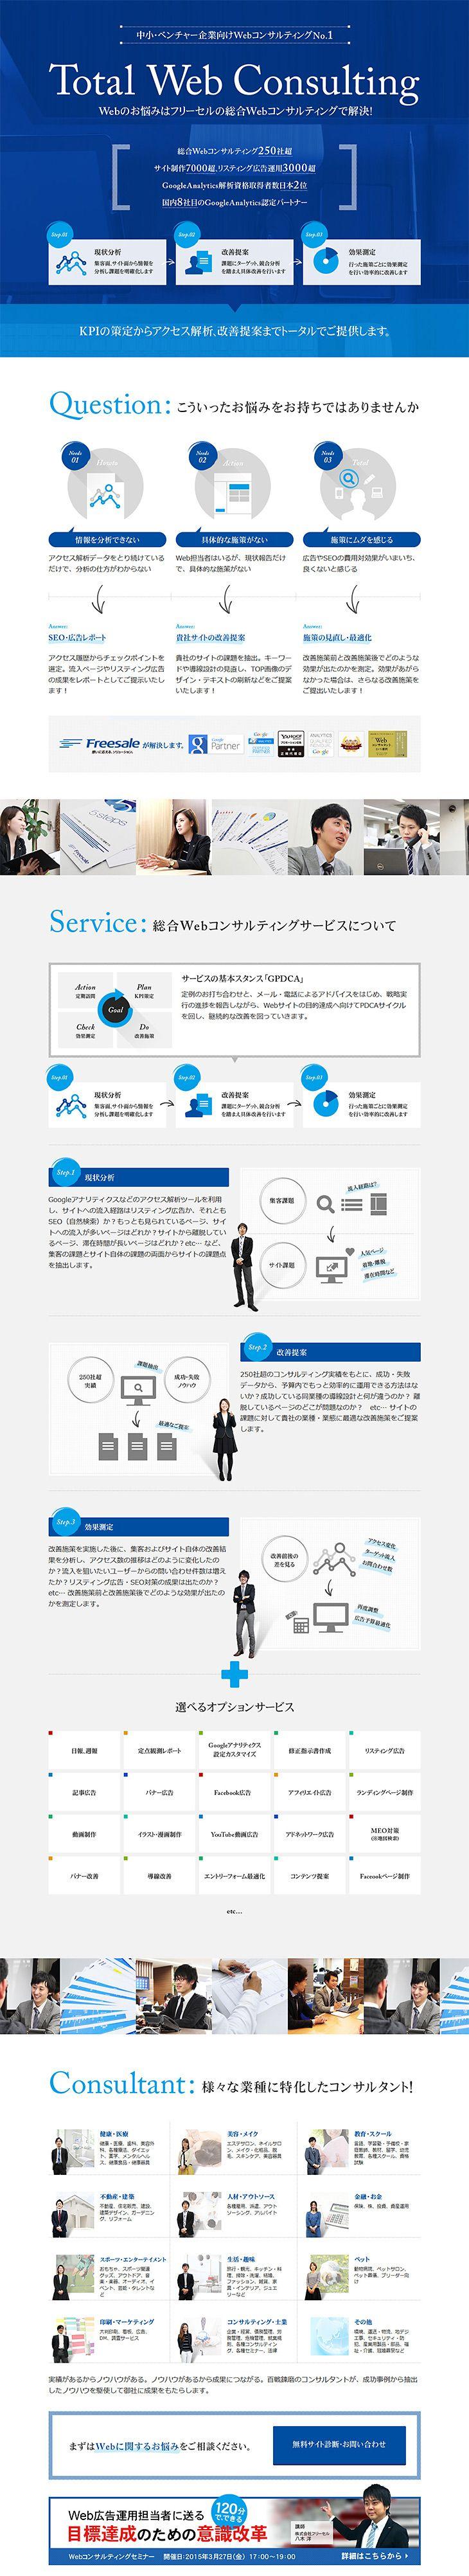 Total Web Consulting【インターネットサービス関連】のLPデザイン。WEBデザイナーさん必見!ランディングページのデザイン参考に(シンプル系)